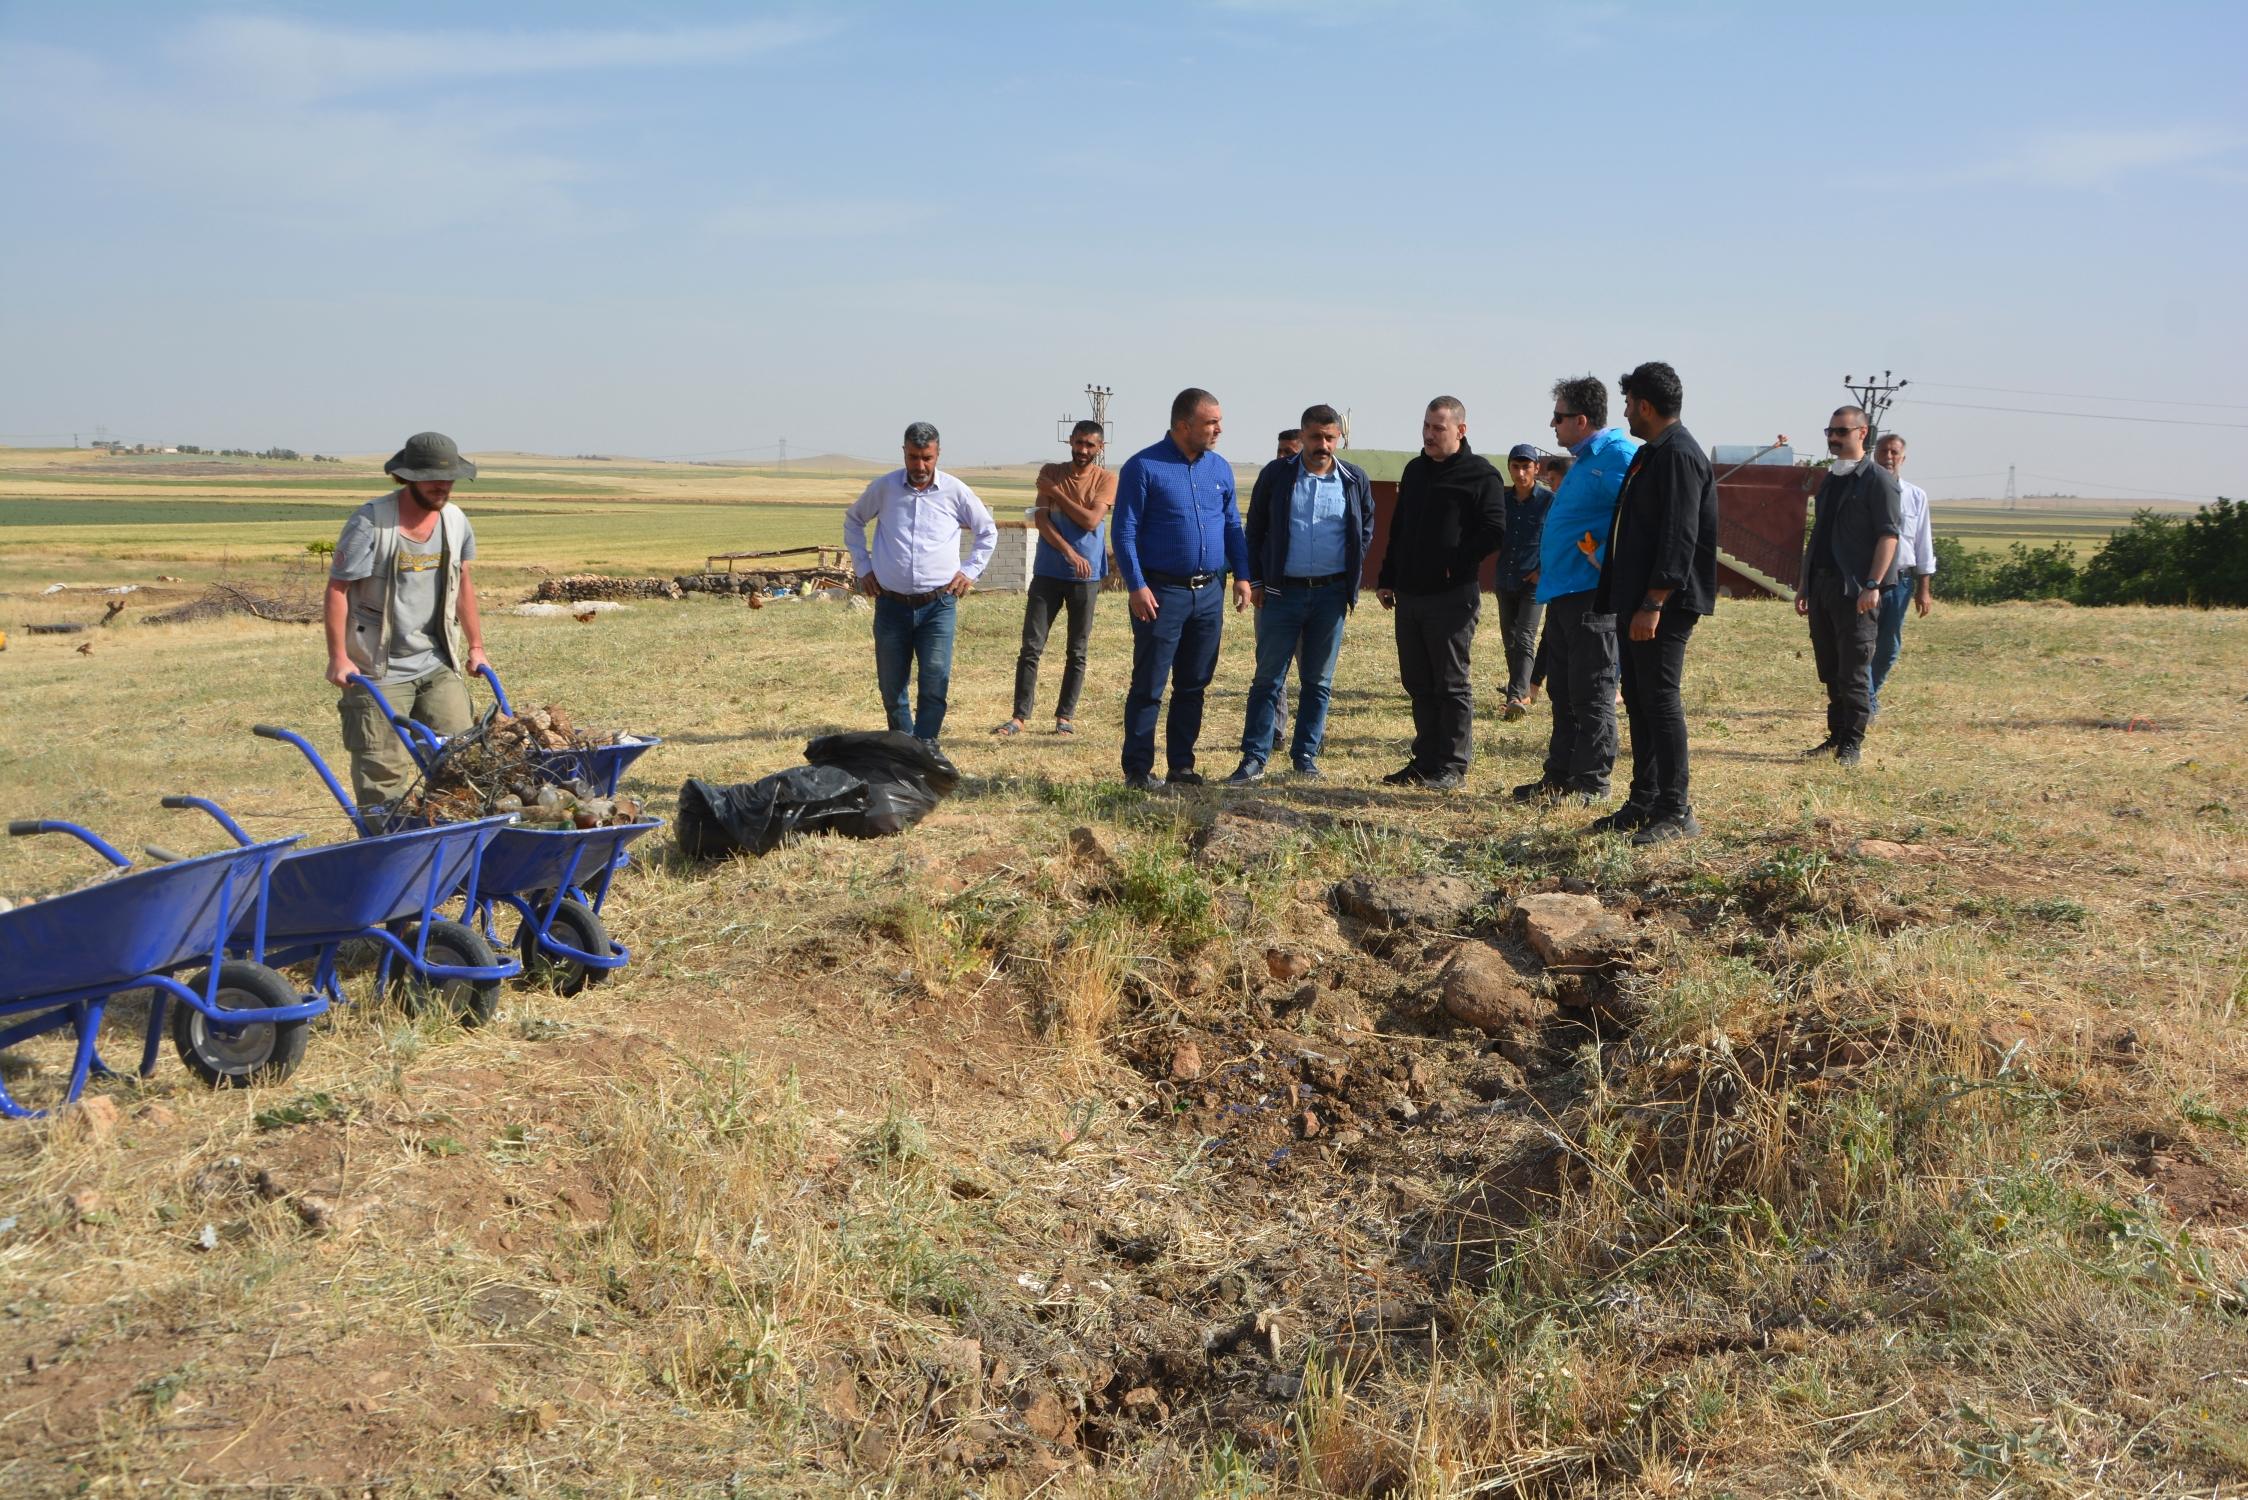 Sefertepe'de Arkeolojik Kazı Çalışmaları Başladı